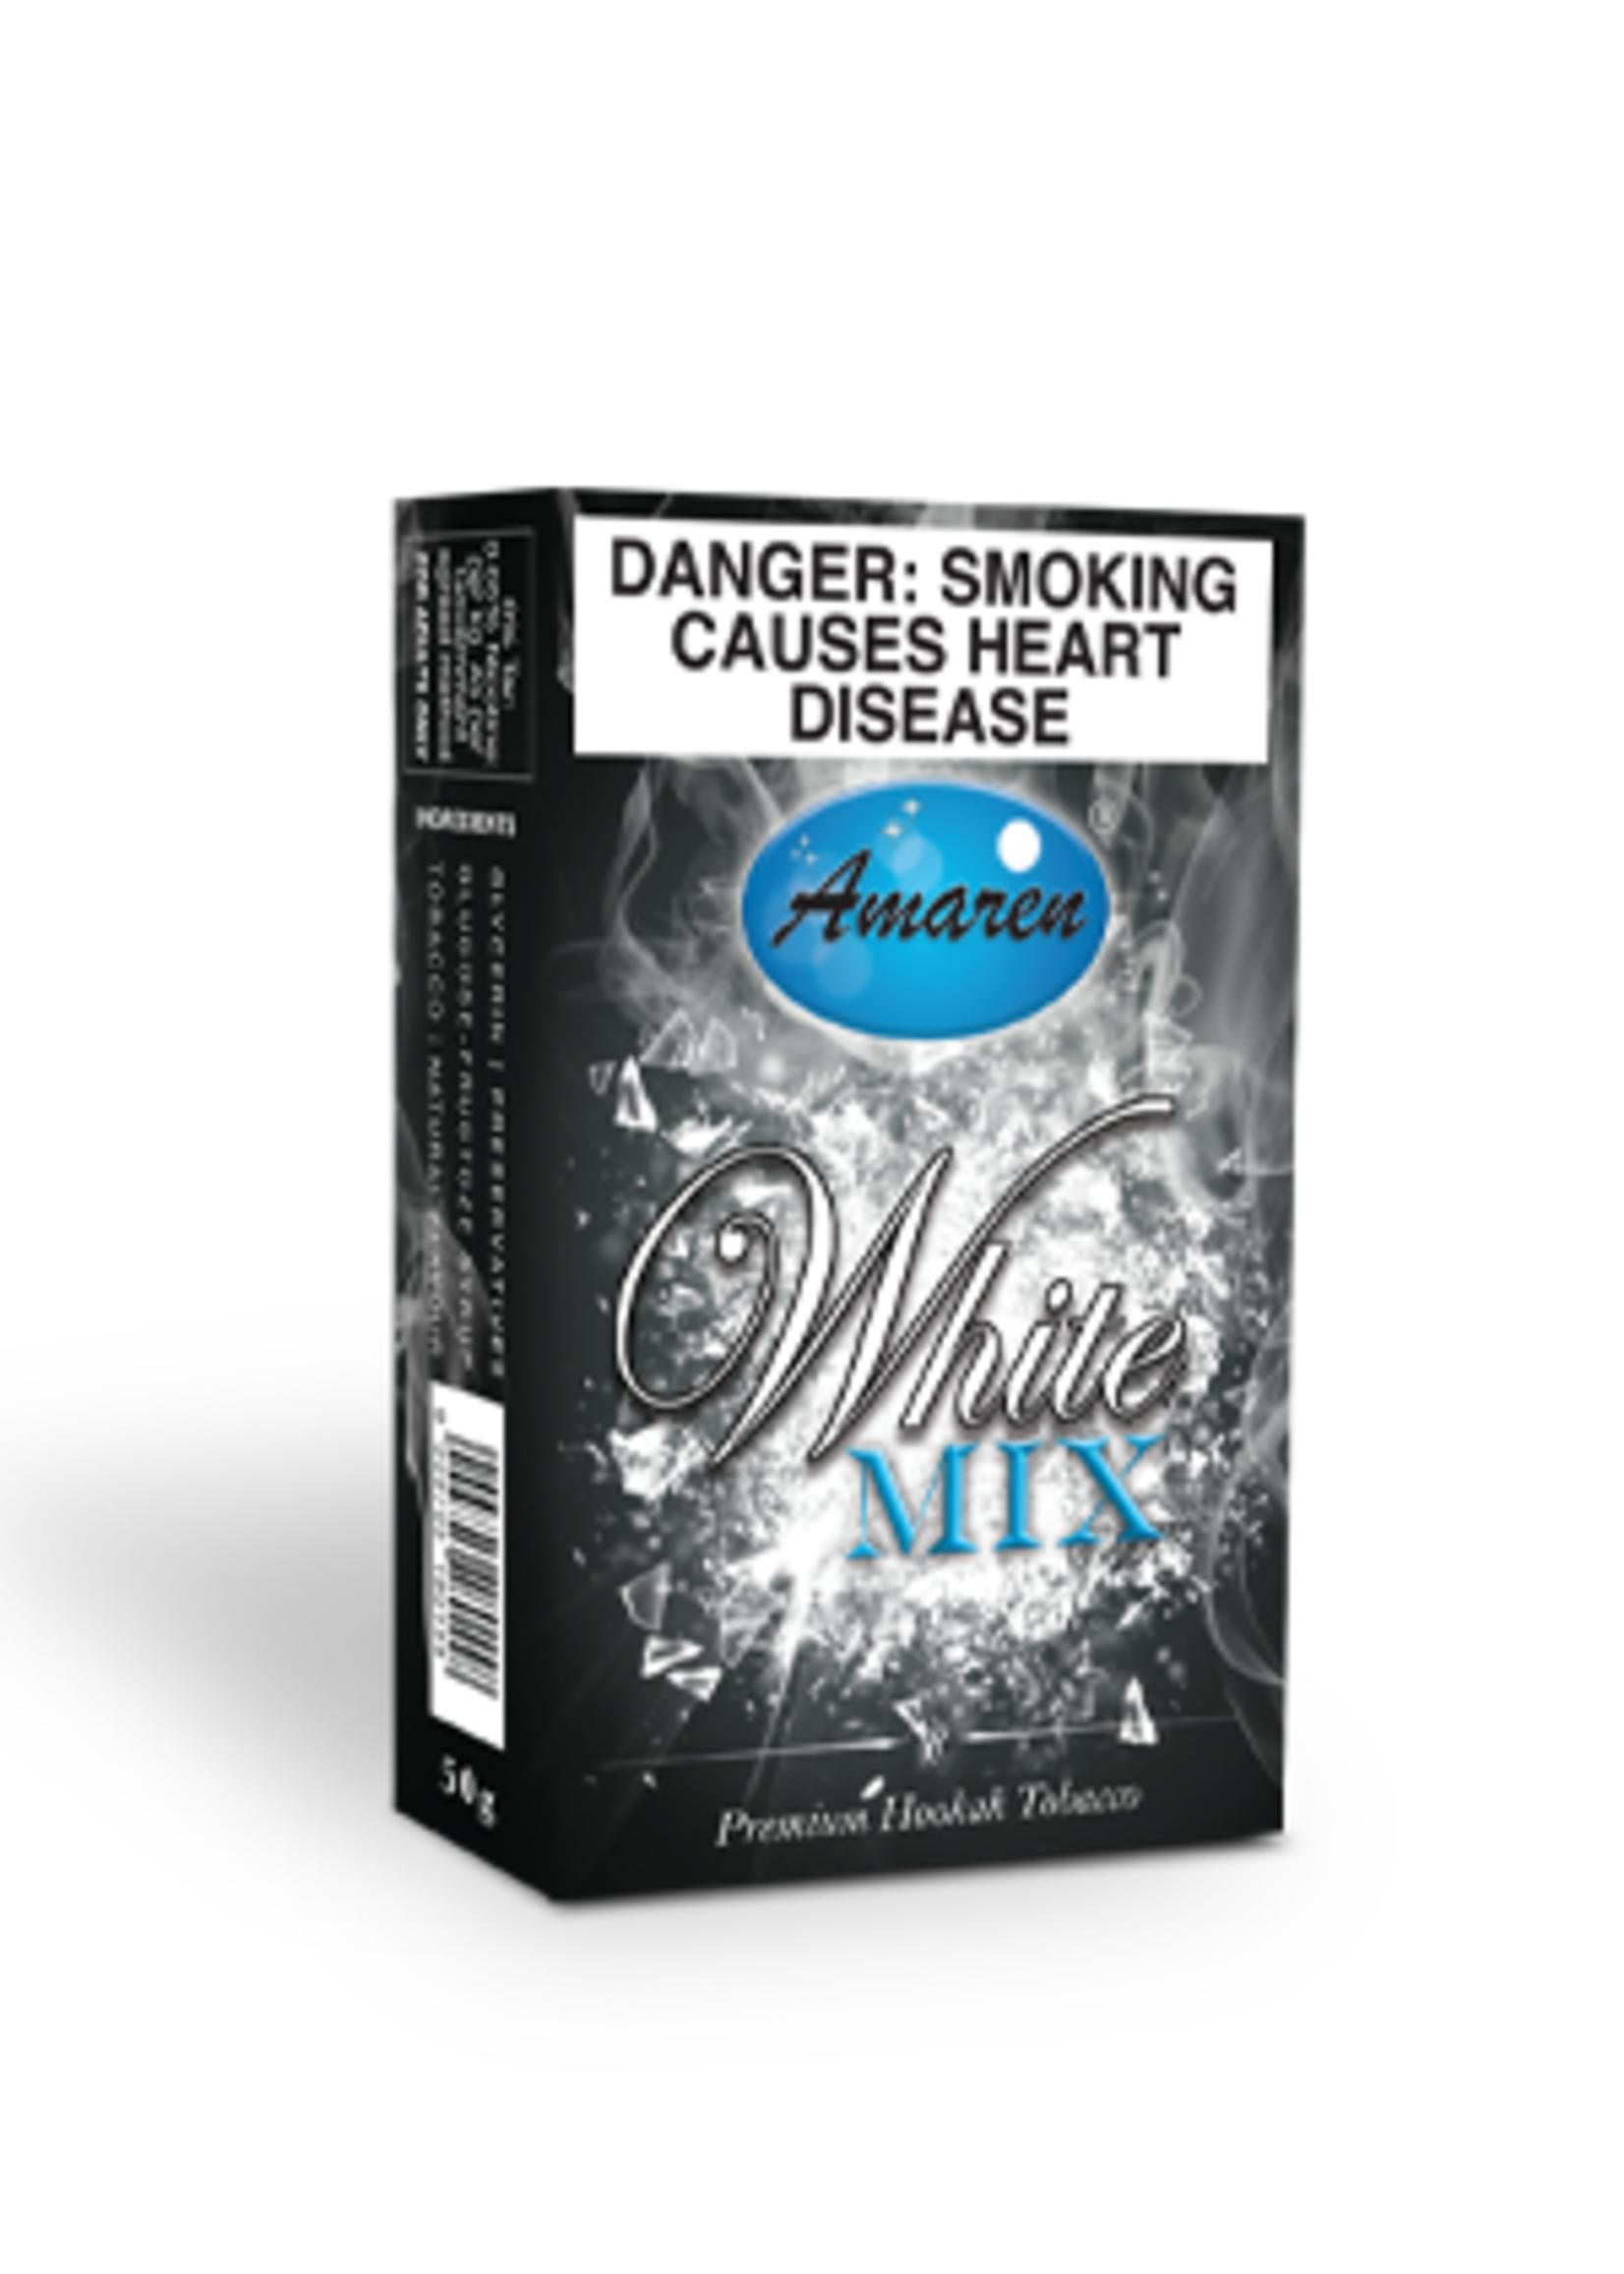 Amaren Hubbly Flavour - White Mix